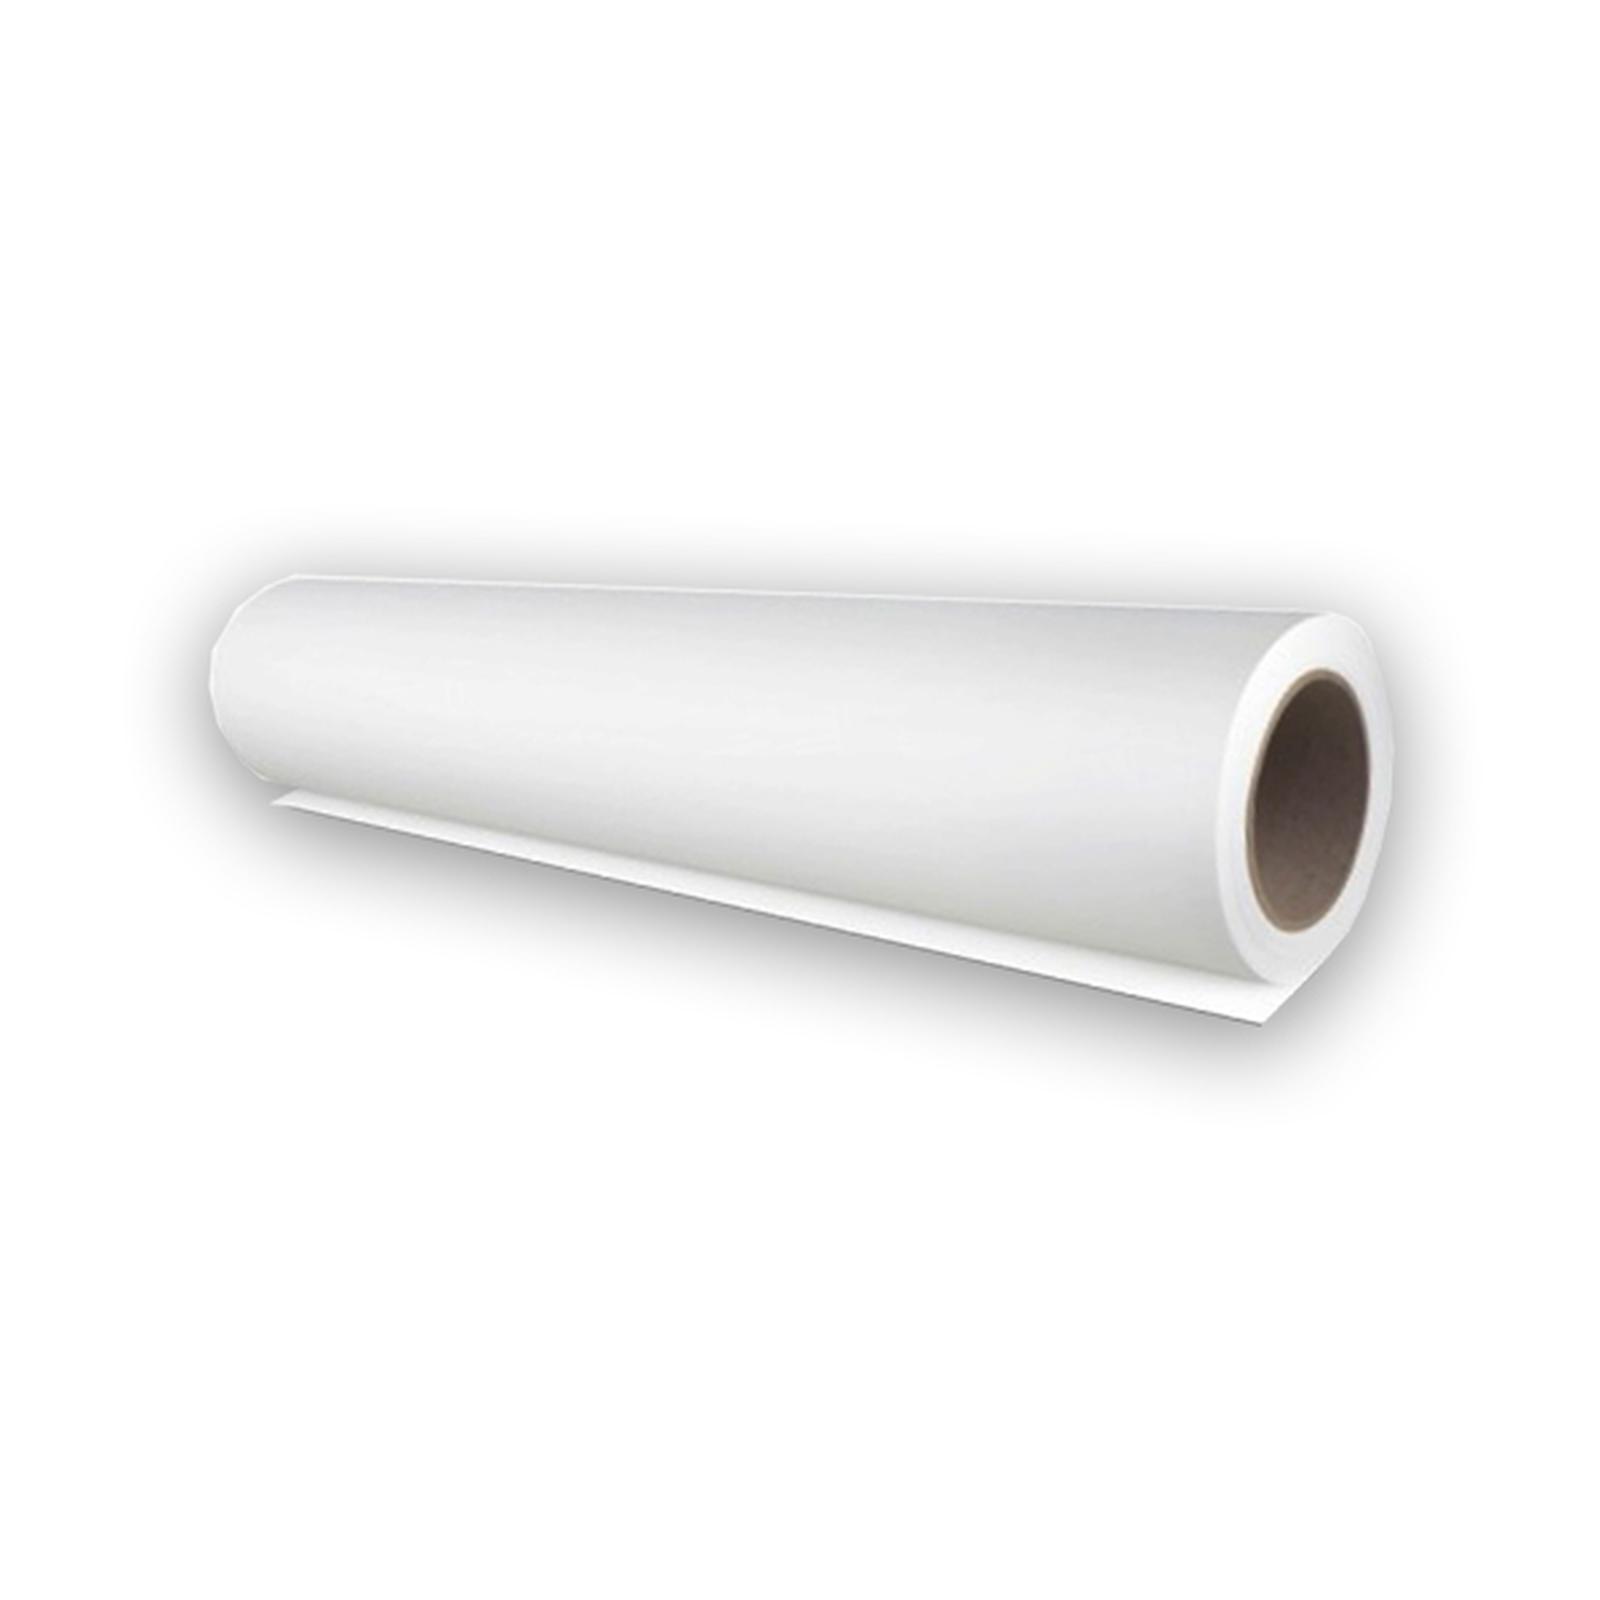 Vinil Adesivo PROMOCIONAL - Fosco - 1,52m